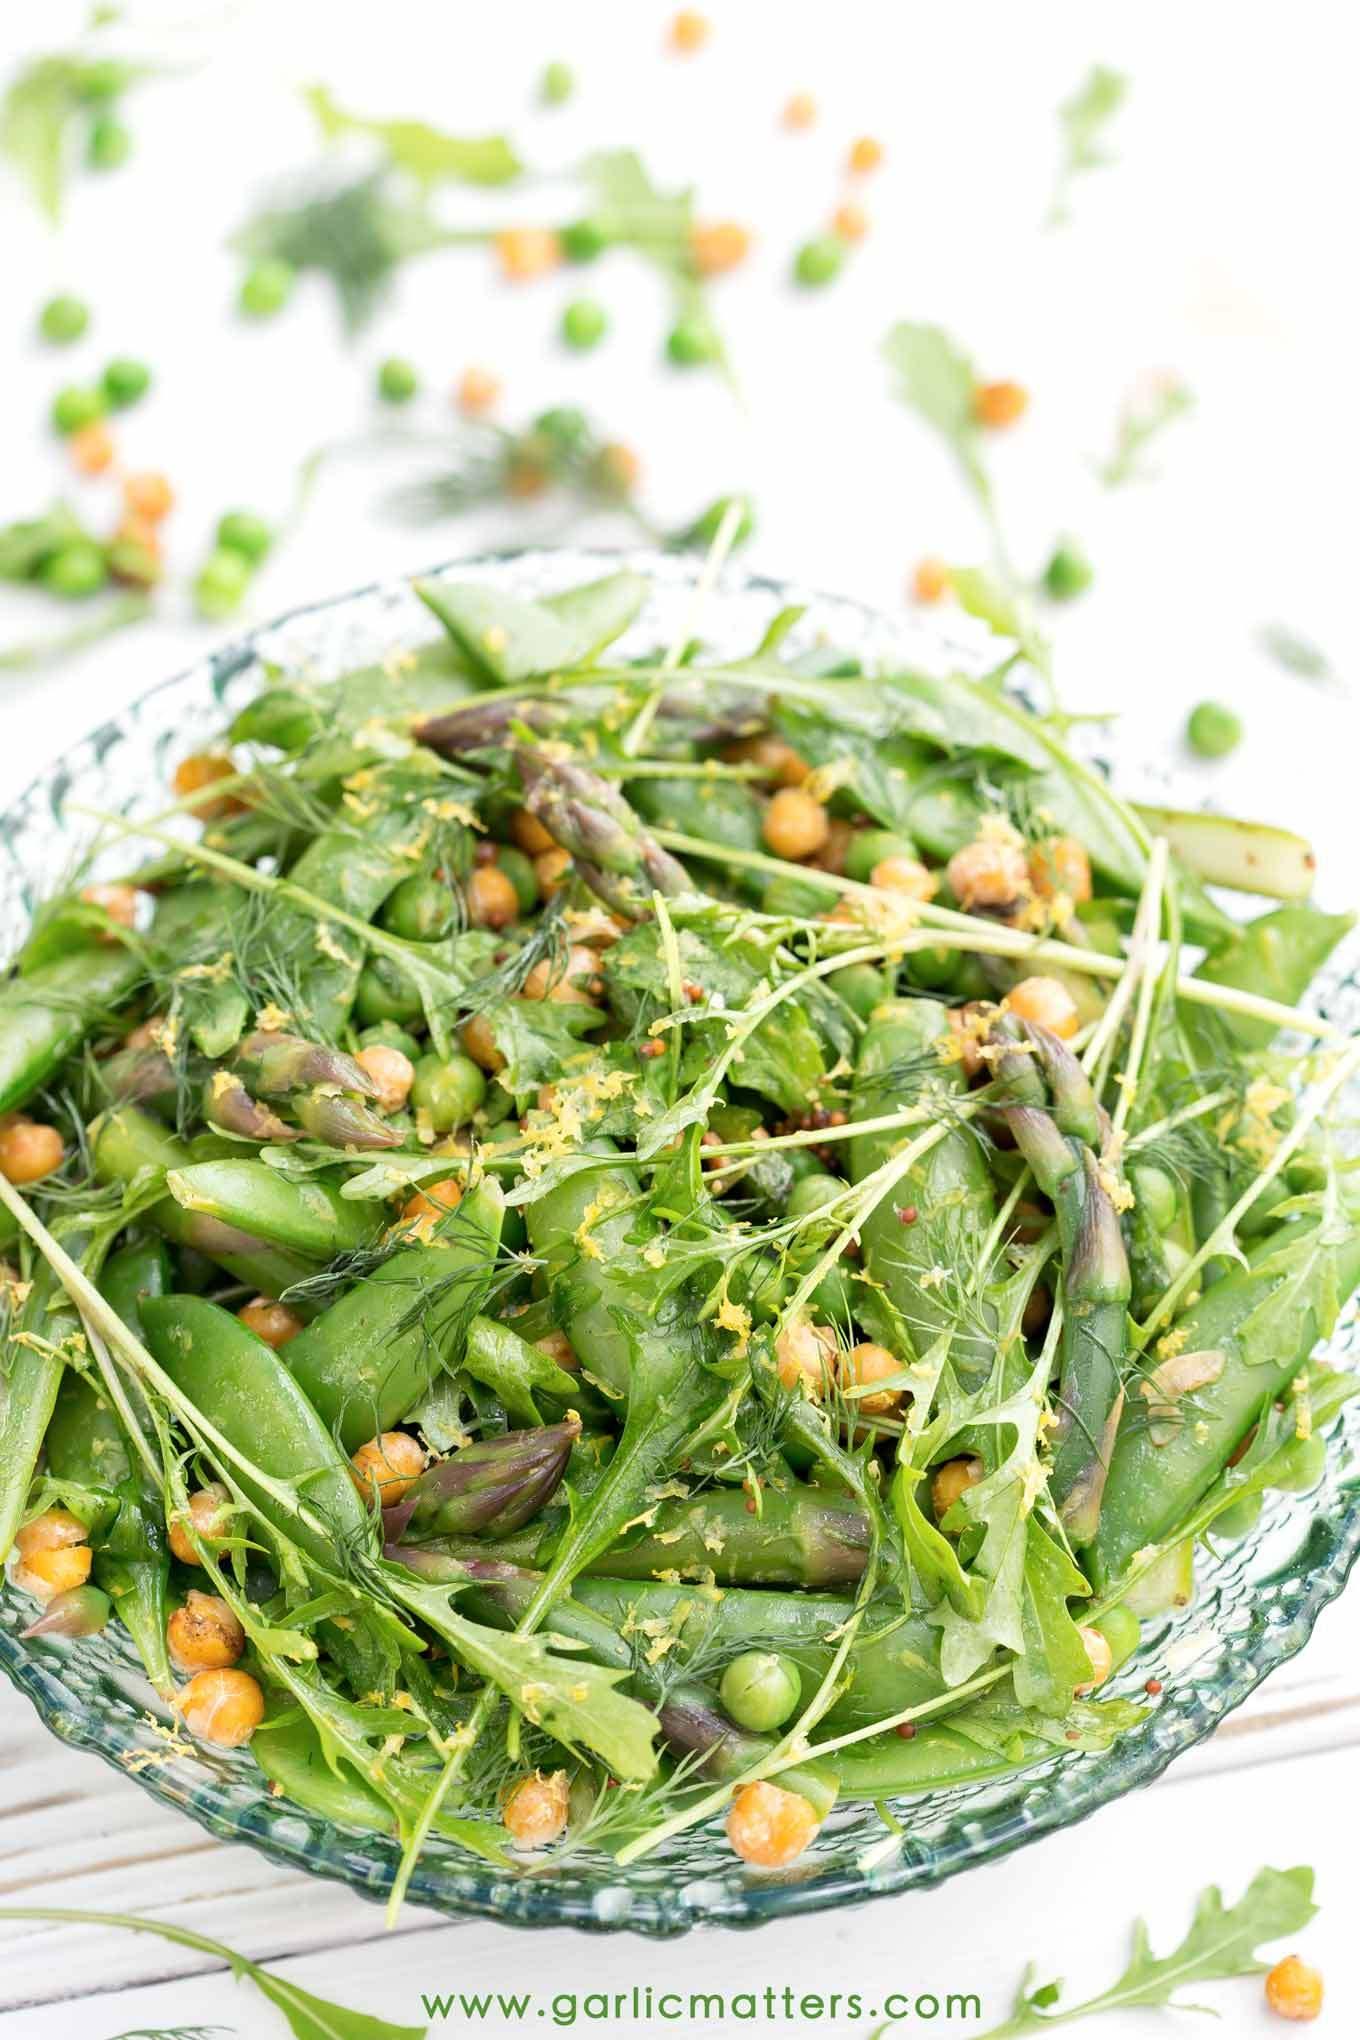 Asparagus-snow-peas-salad-3.jpg